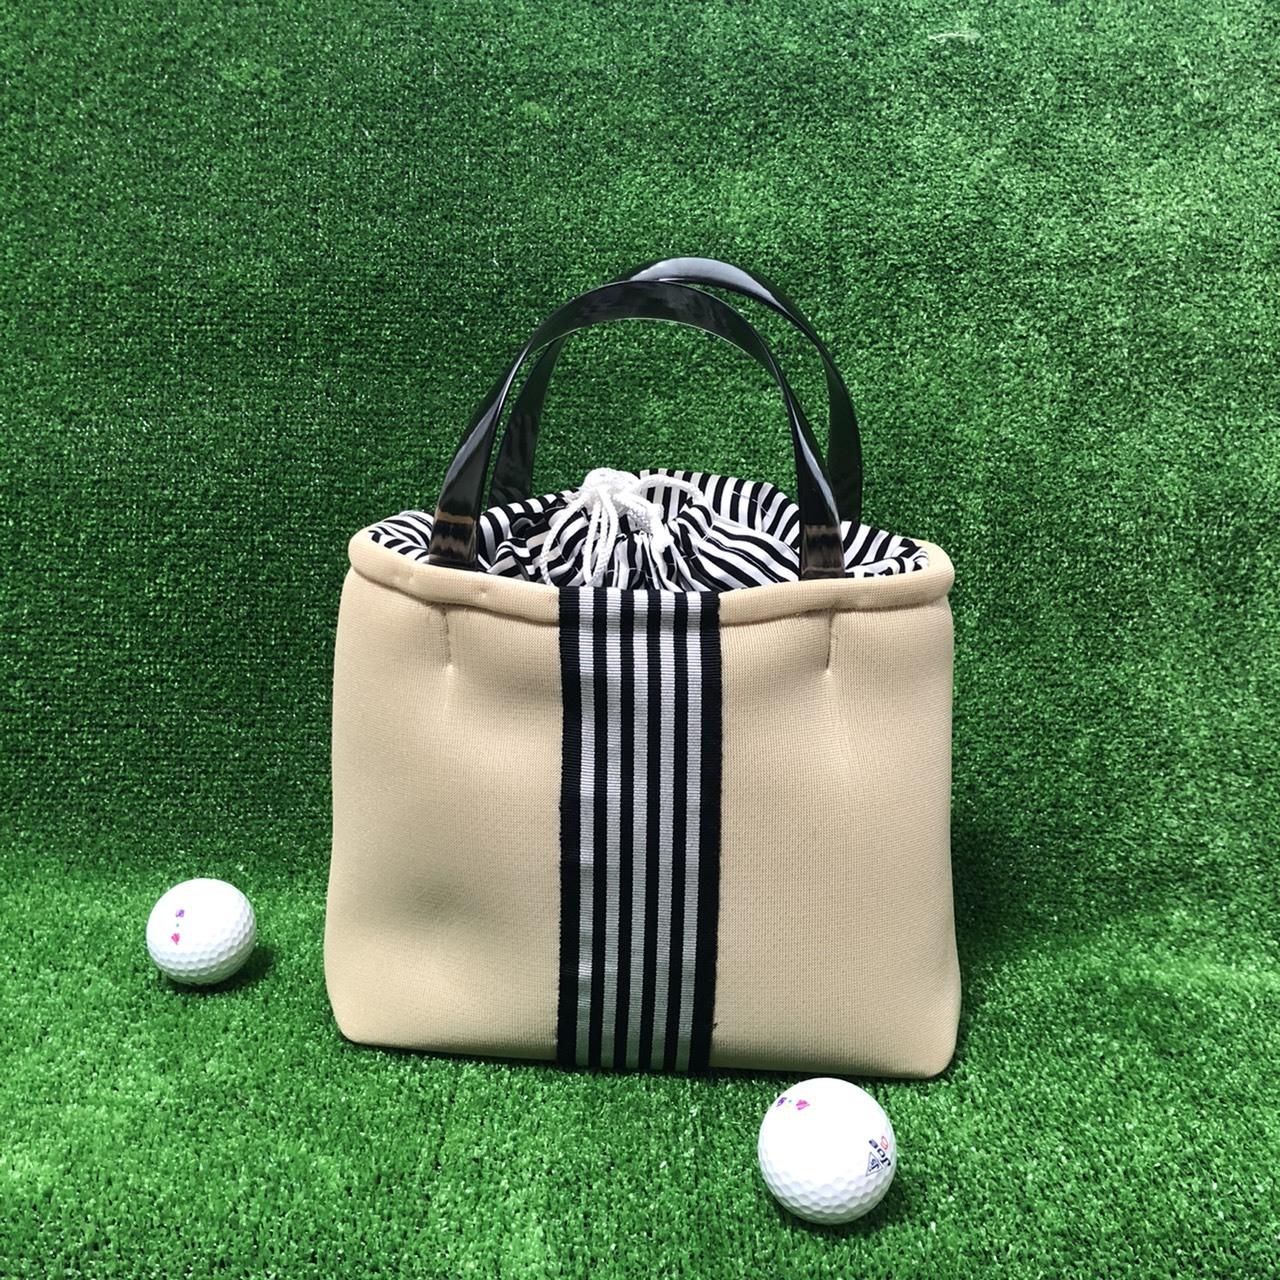 【新商品】ゴルフカートバッグ(ベージュストライプ)